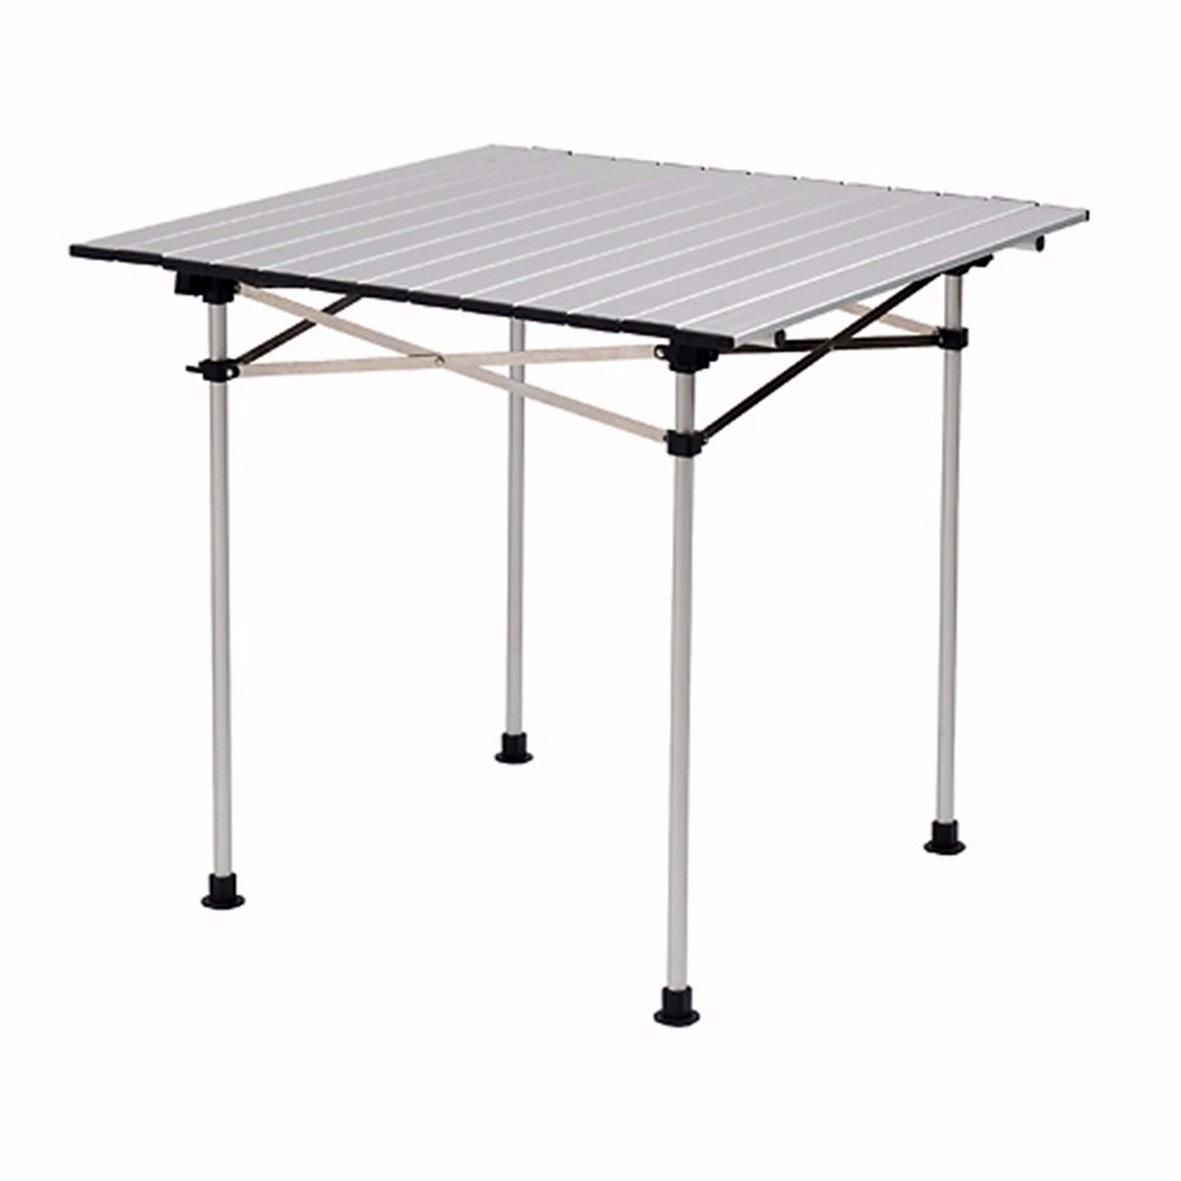 Mesa plegable de aluminio para campismo coleman camping for Mesa de camping plegable de aluminio